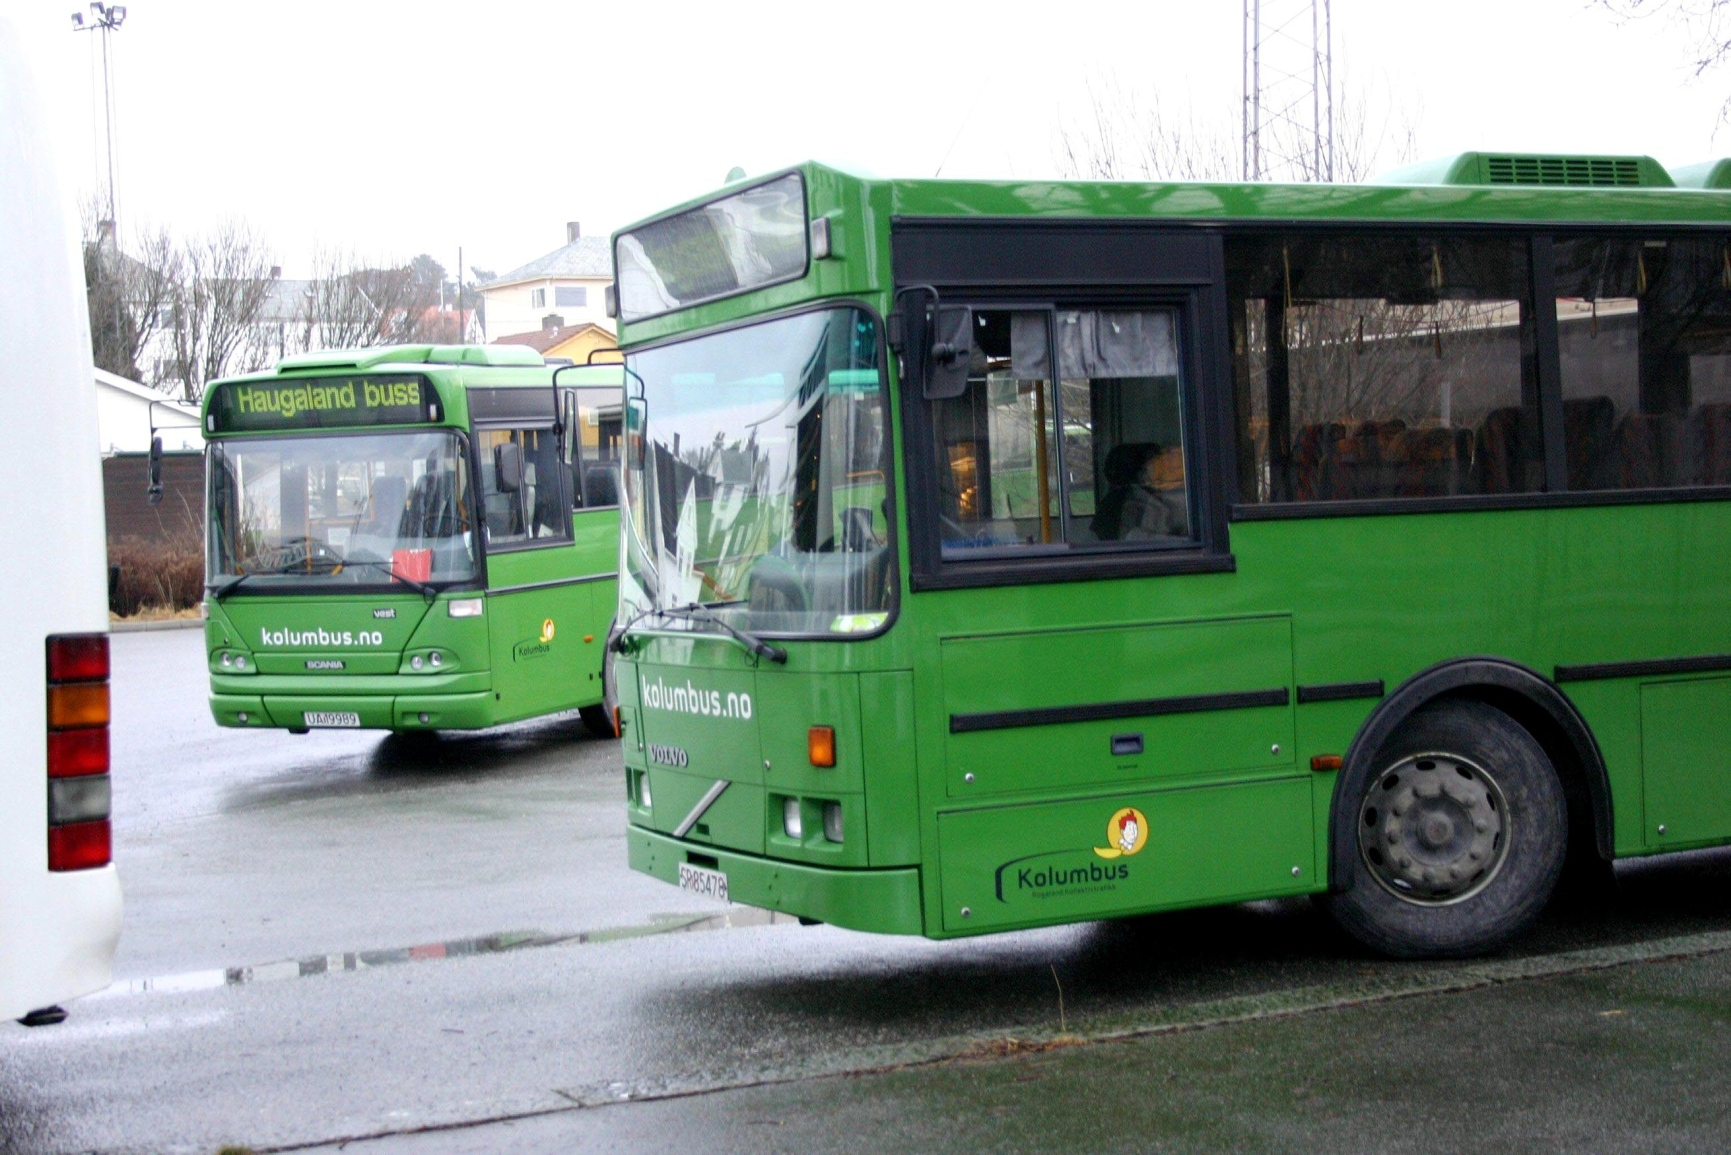 ВНорвегии начнут работать беспилотные автобусы